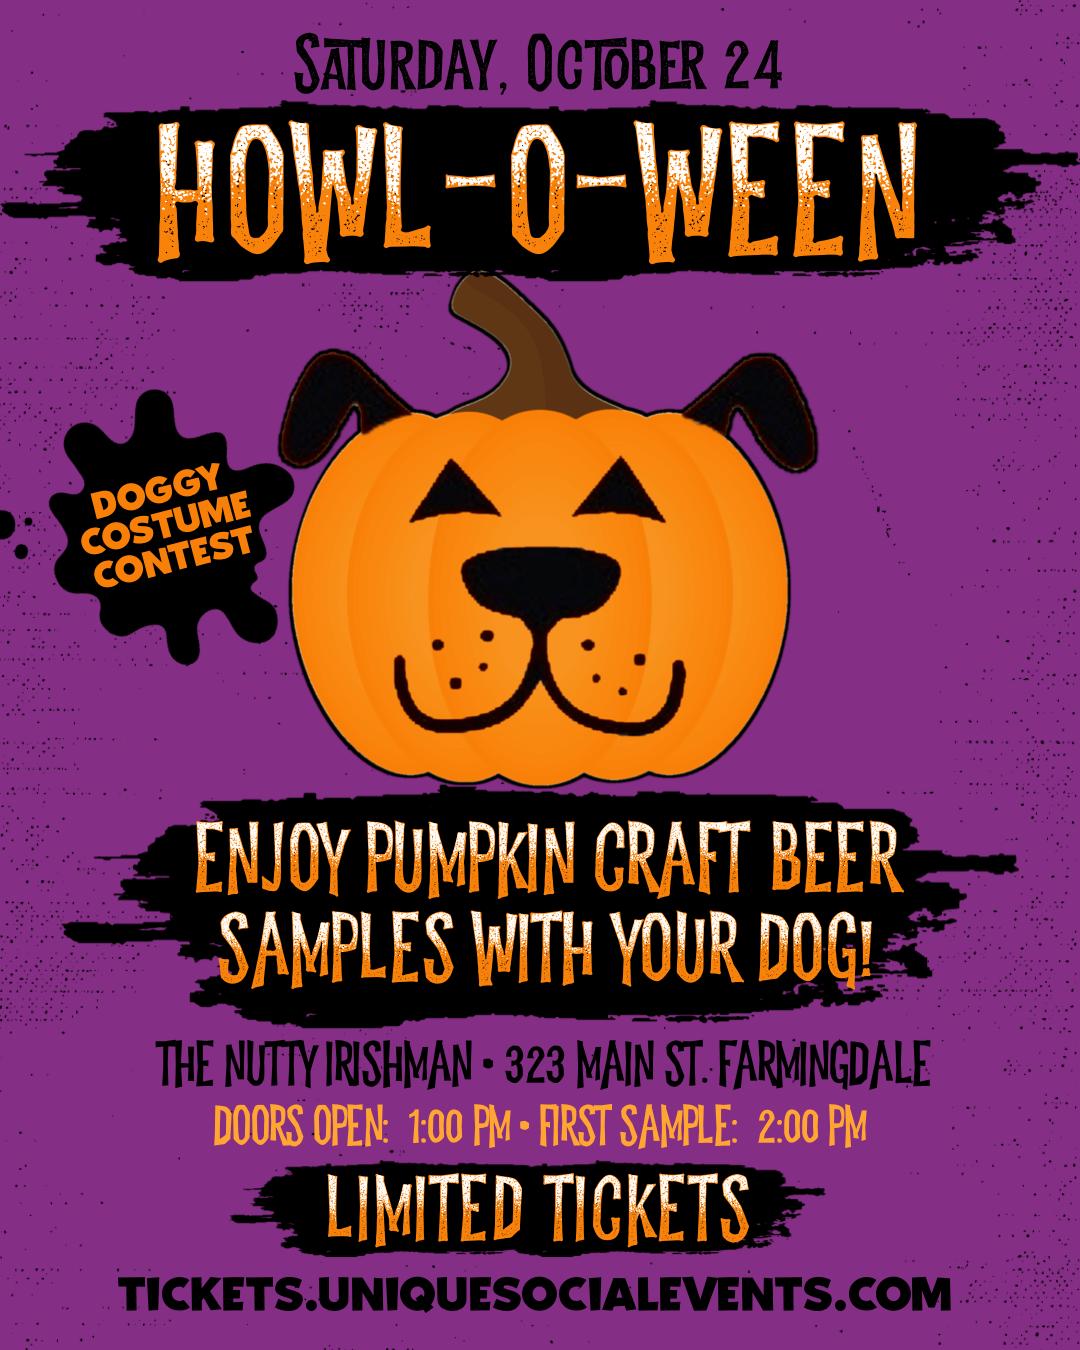 Howl-O-Ween Pumpkin Beer Tasting